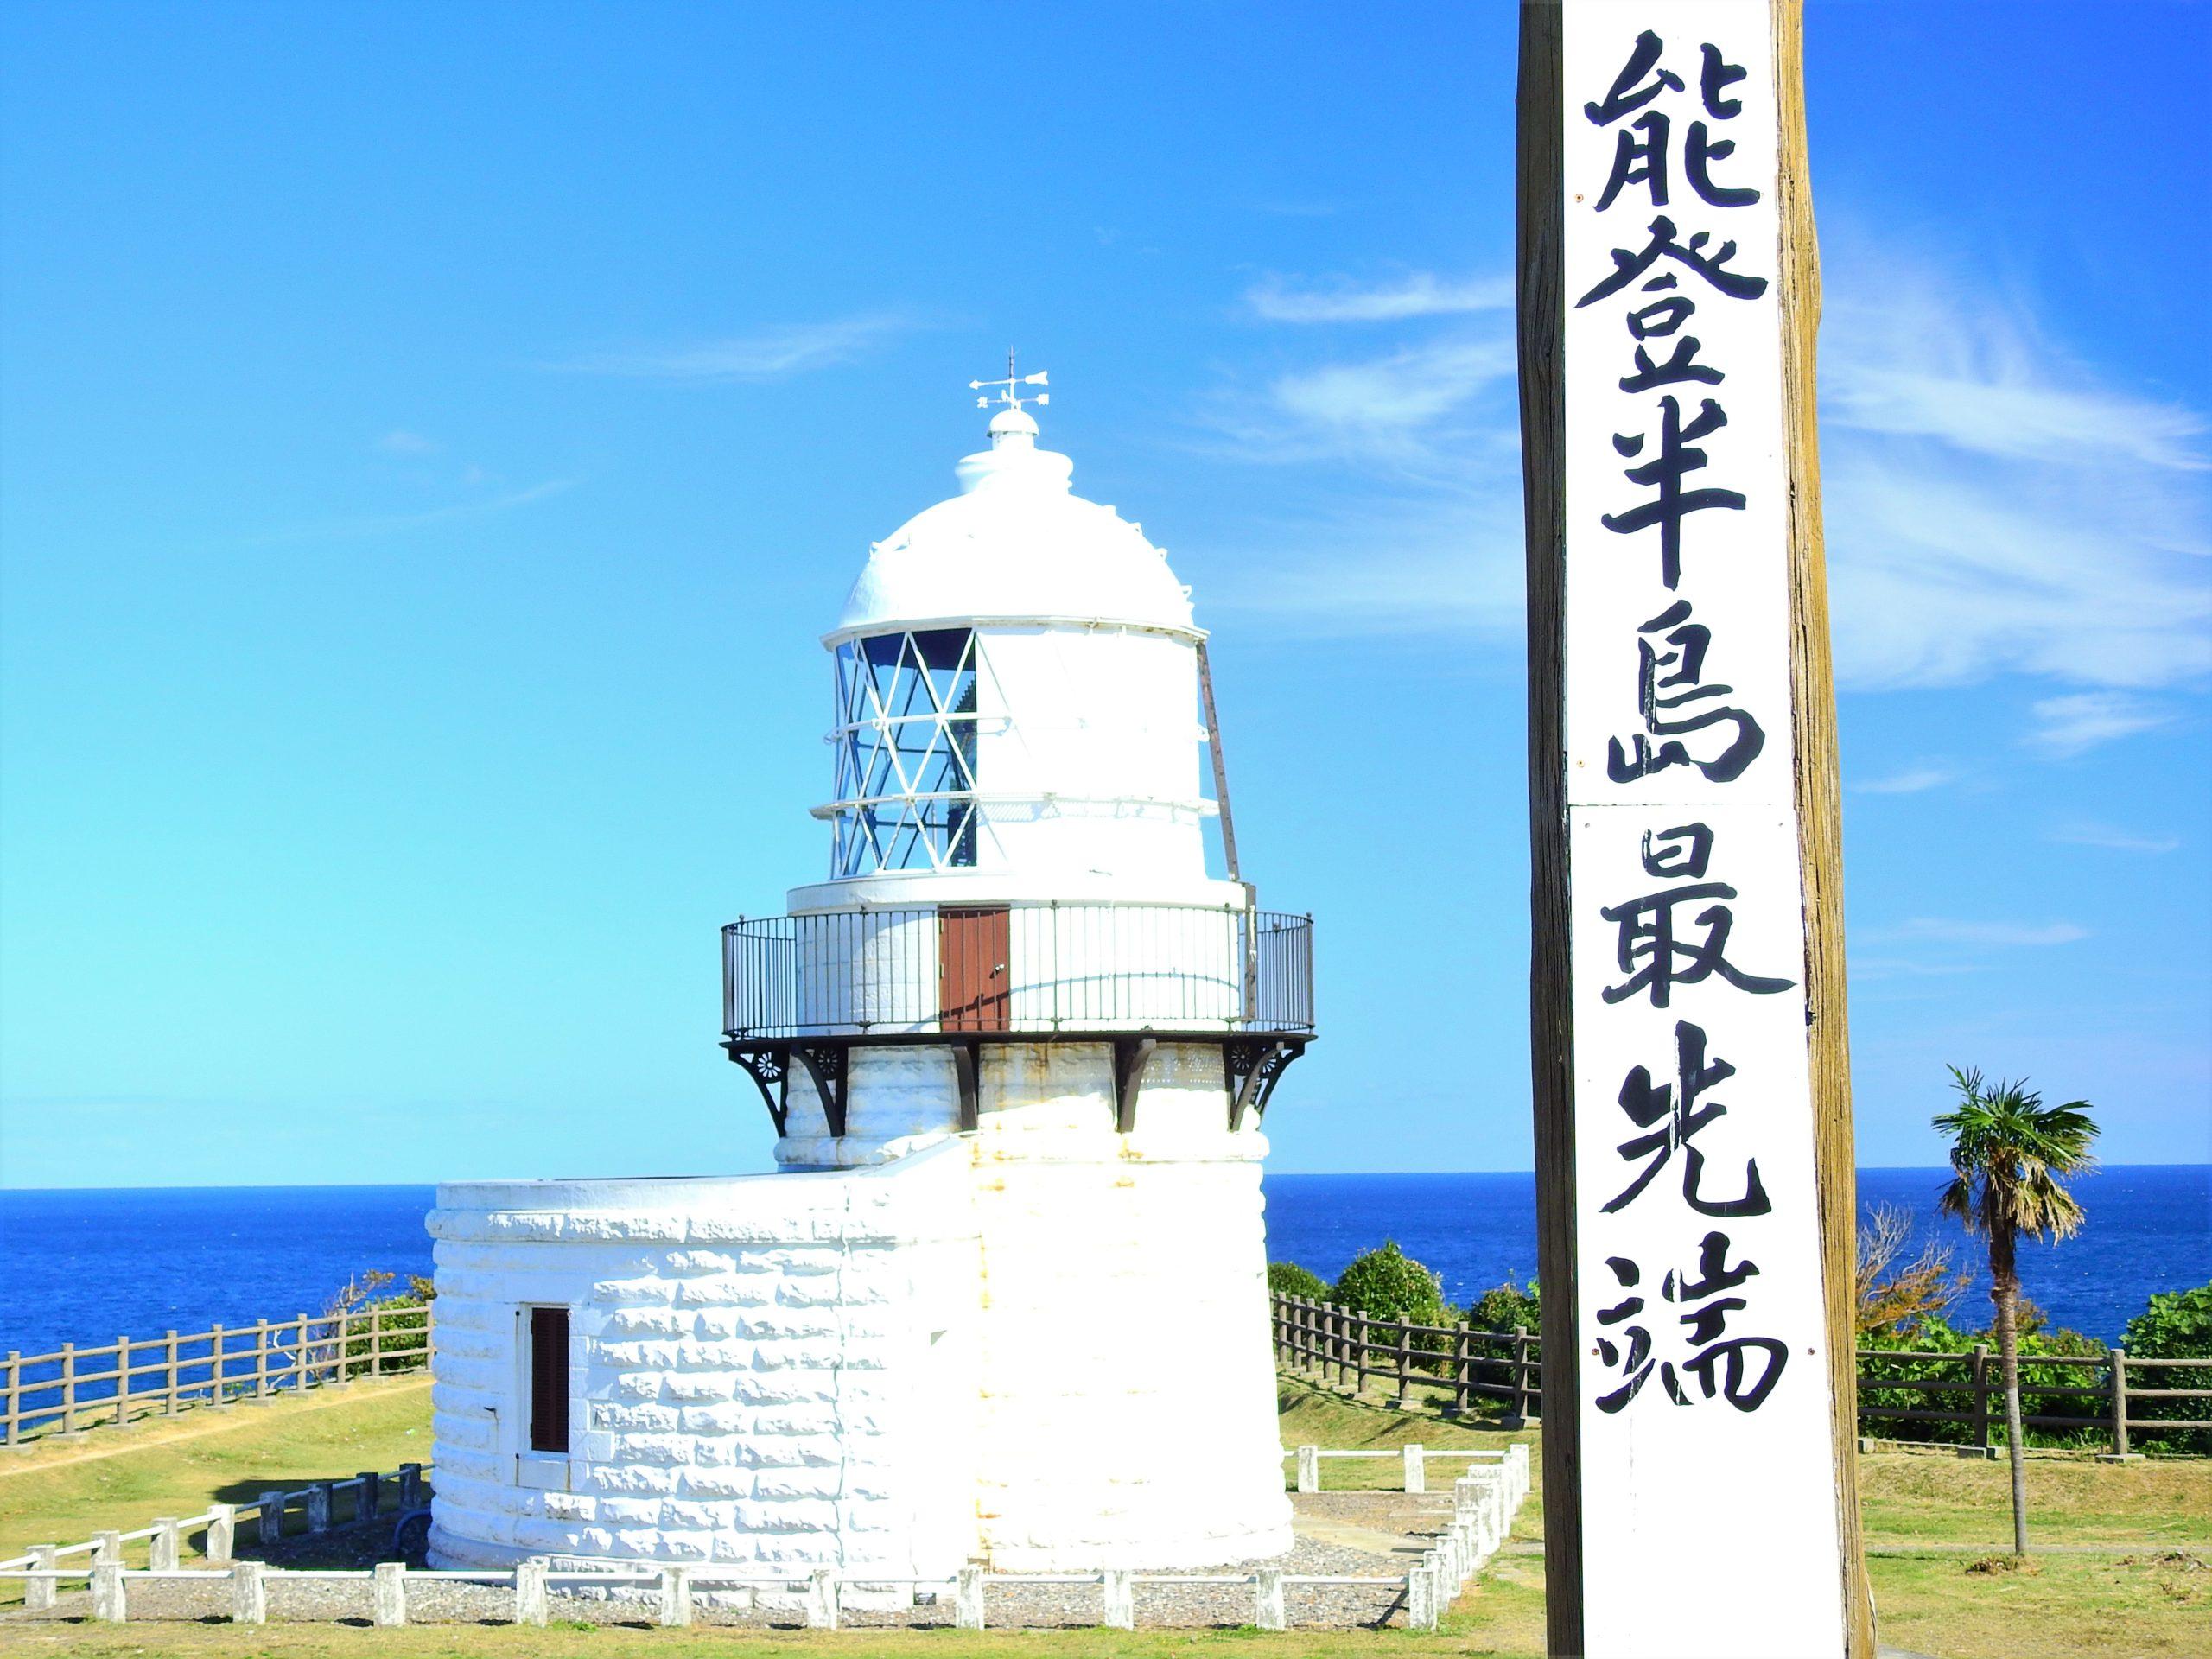 石川県 禄剛岬